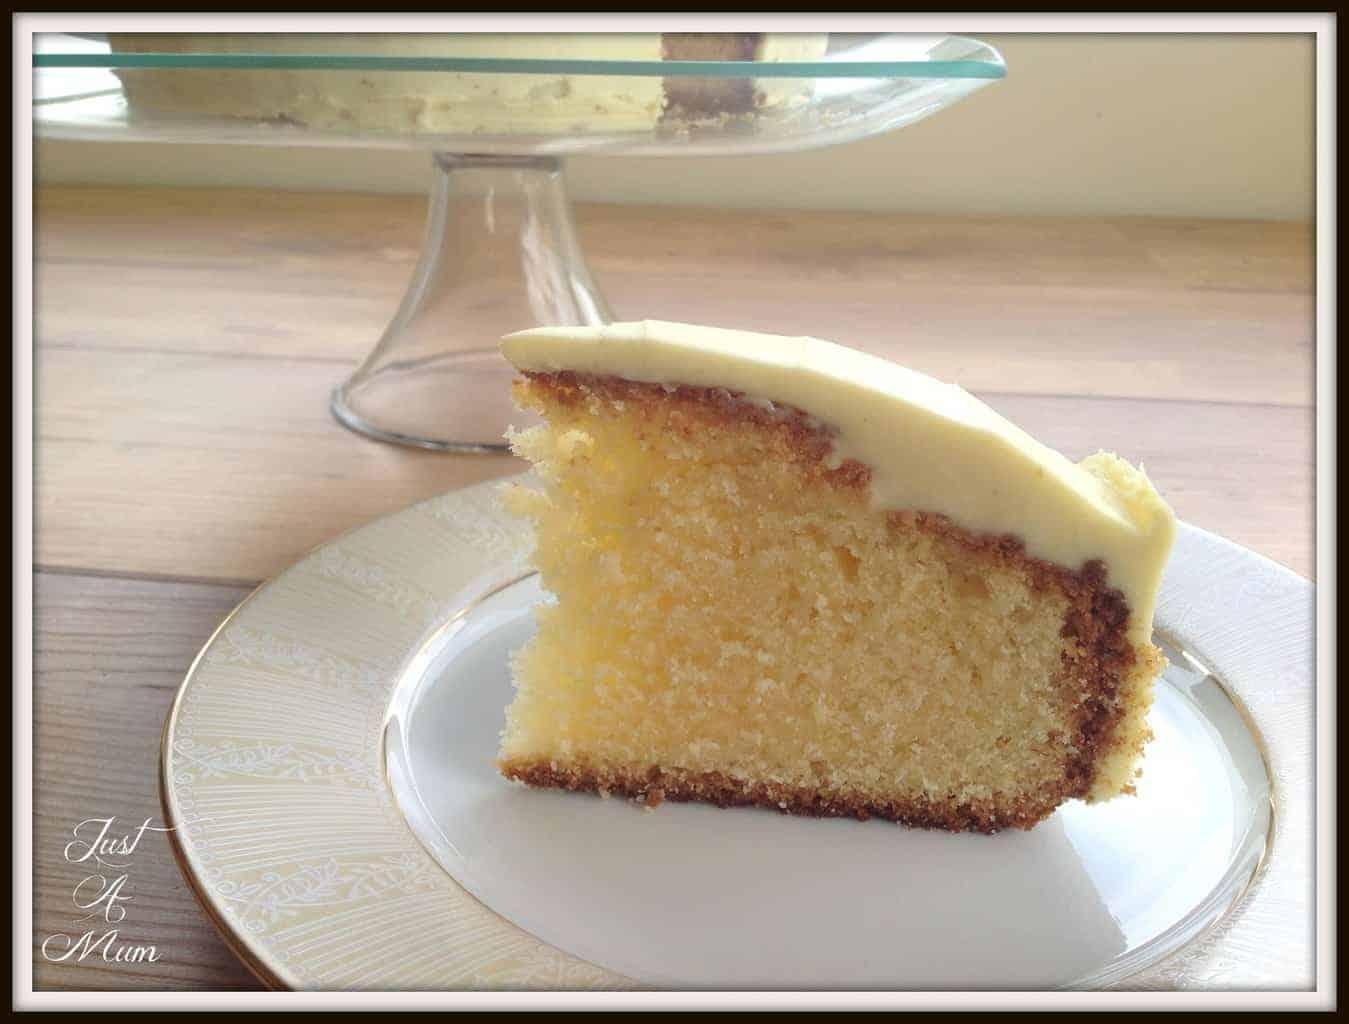 Gluten Free Vanilla Mud Cake Recipe